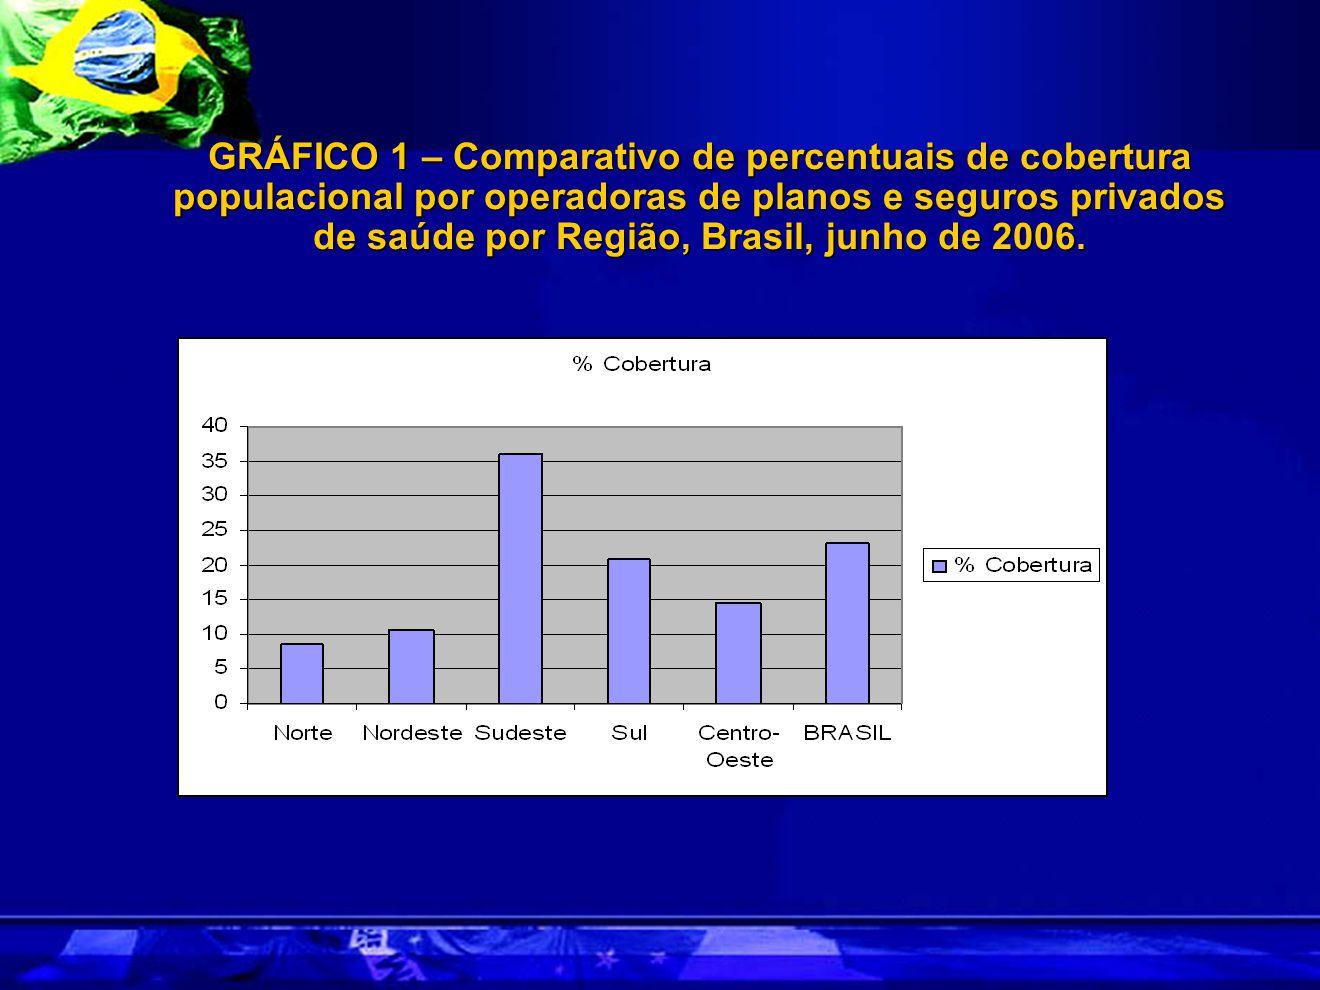 GRÁFICO 1 – Comparativo de percentuais de cobertura populacional por operadoras de planos e seguros privados de saúde por Região, Brasil, junho de 2006.